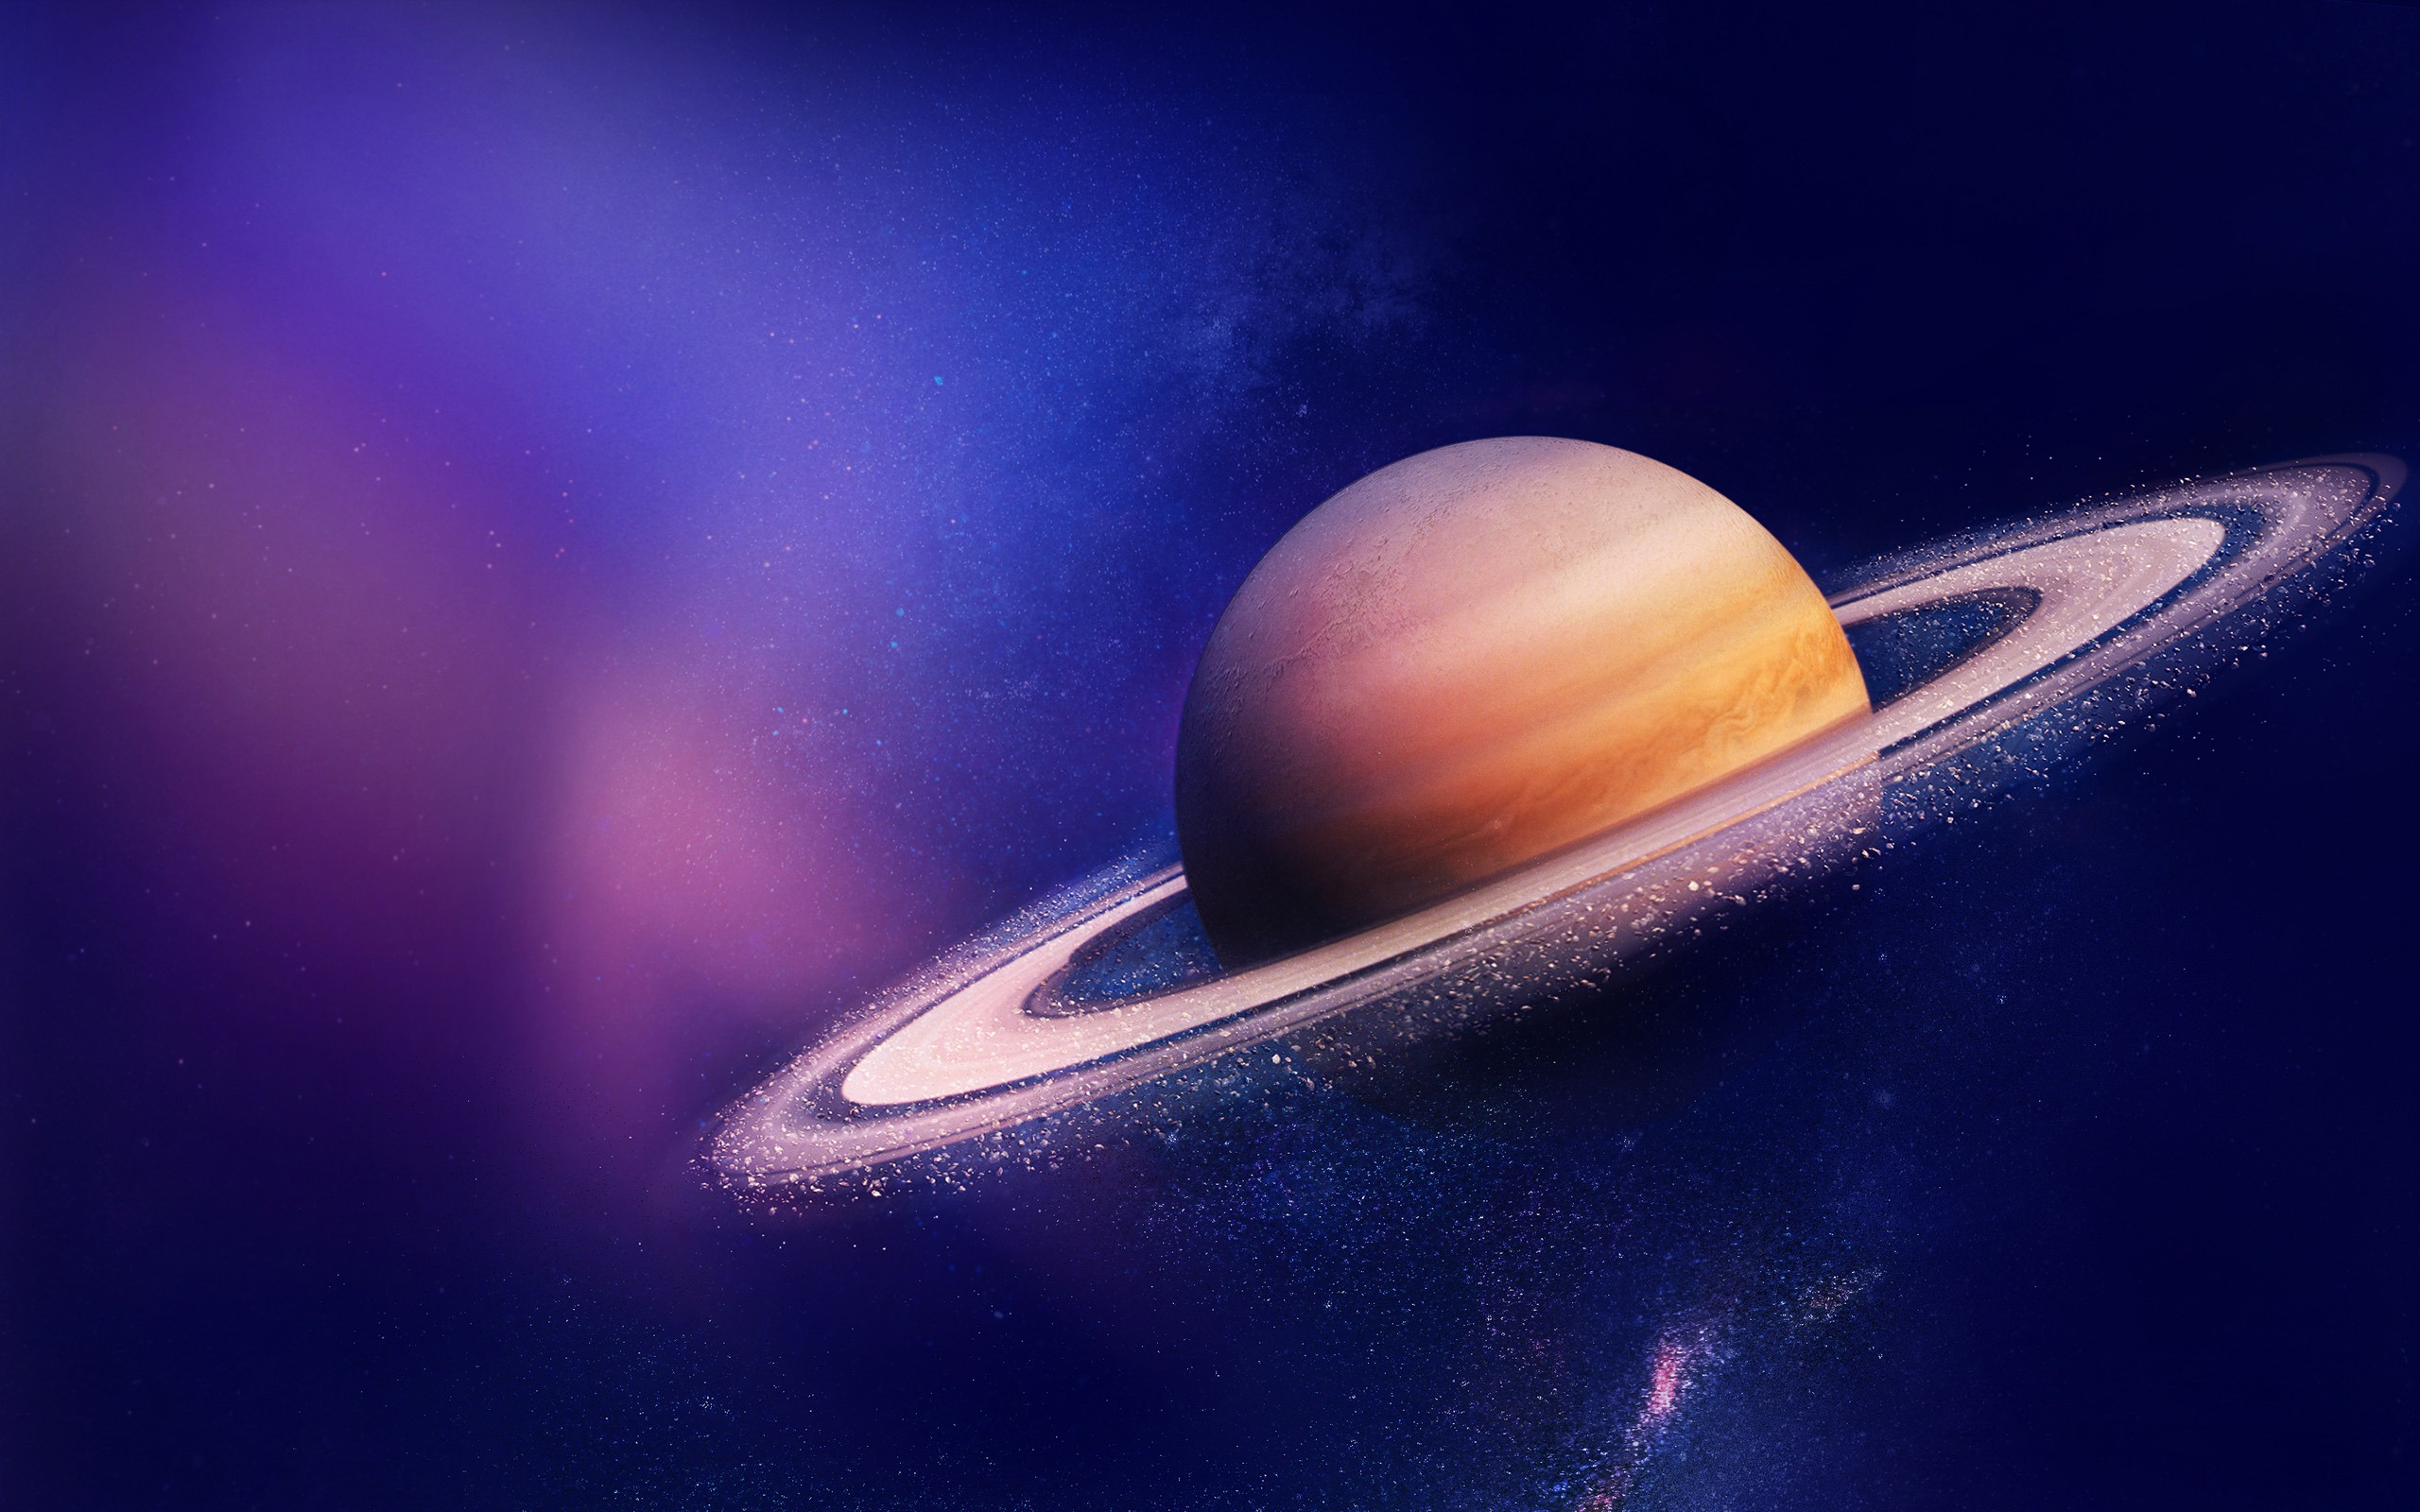 土星惑星銀河 17高品質の壁紙プレビュー 10wallpaper Com